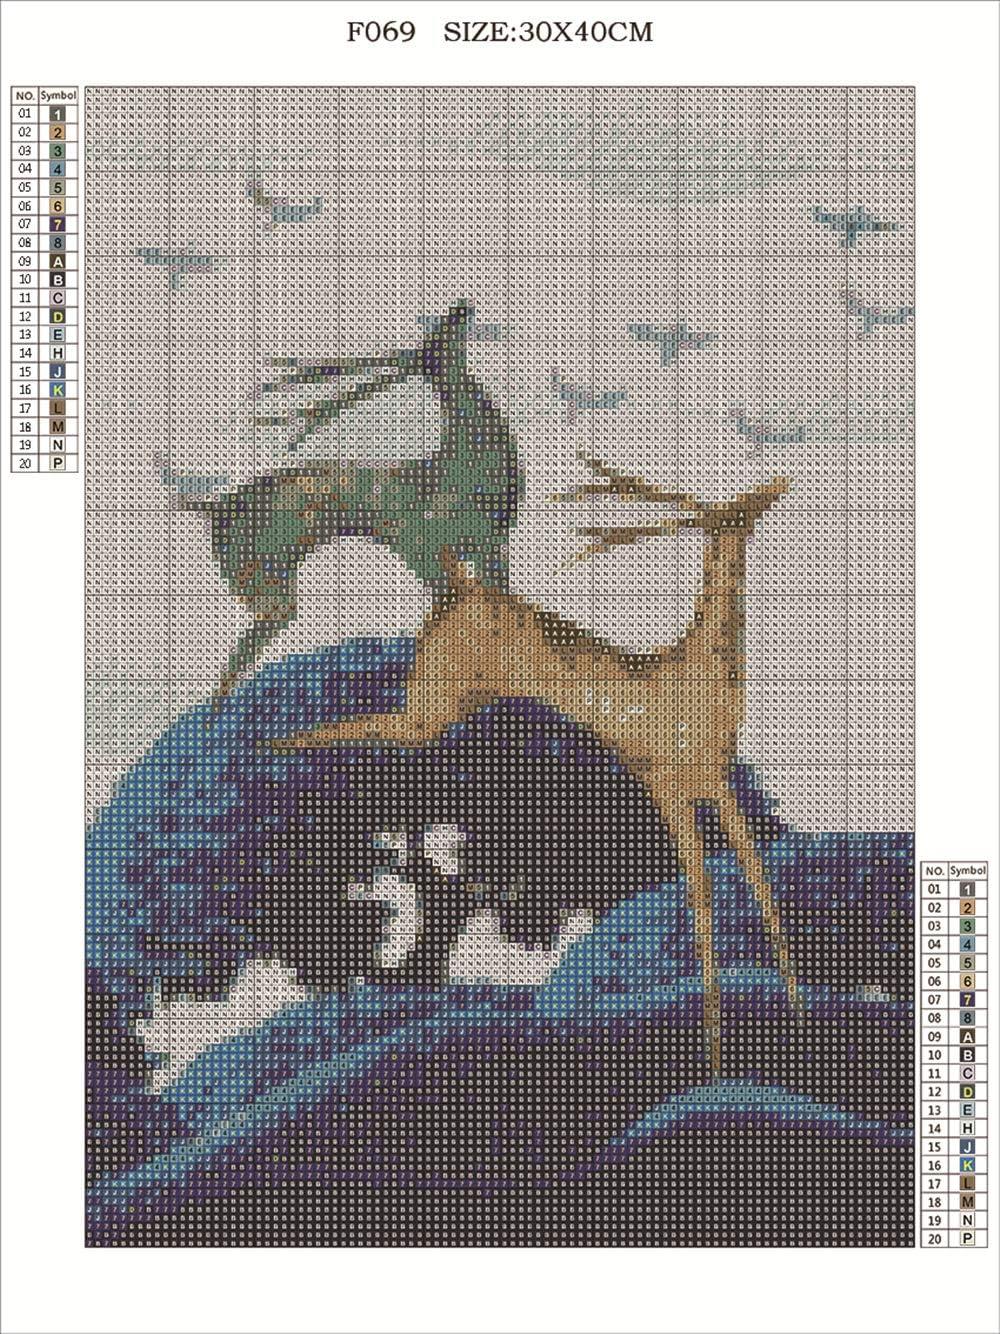 30 x 40 cm papier d/écoup/é Antelope d/écoration murale toile Kit de peinture diamant carr/é 5D DIY par num/éro kit mosaique adulte strass broderie au point de croix ornements loisirs cr/éatifs